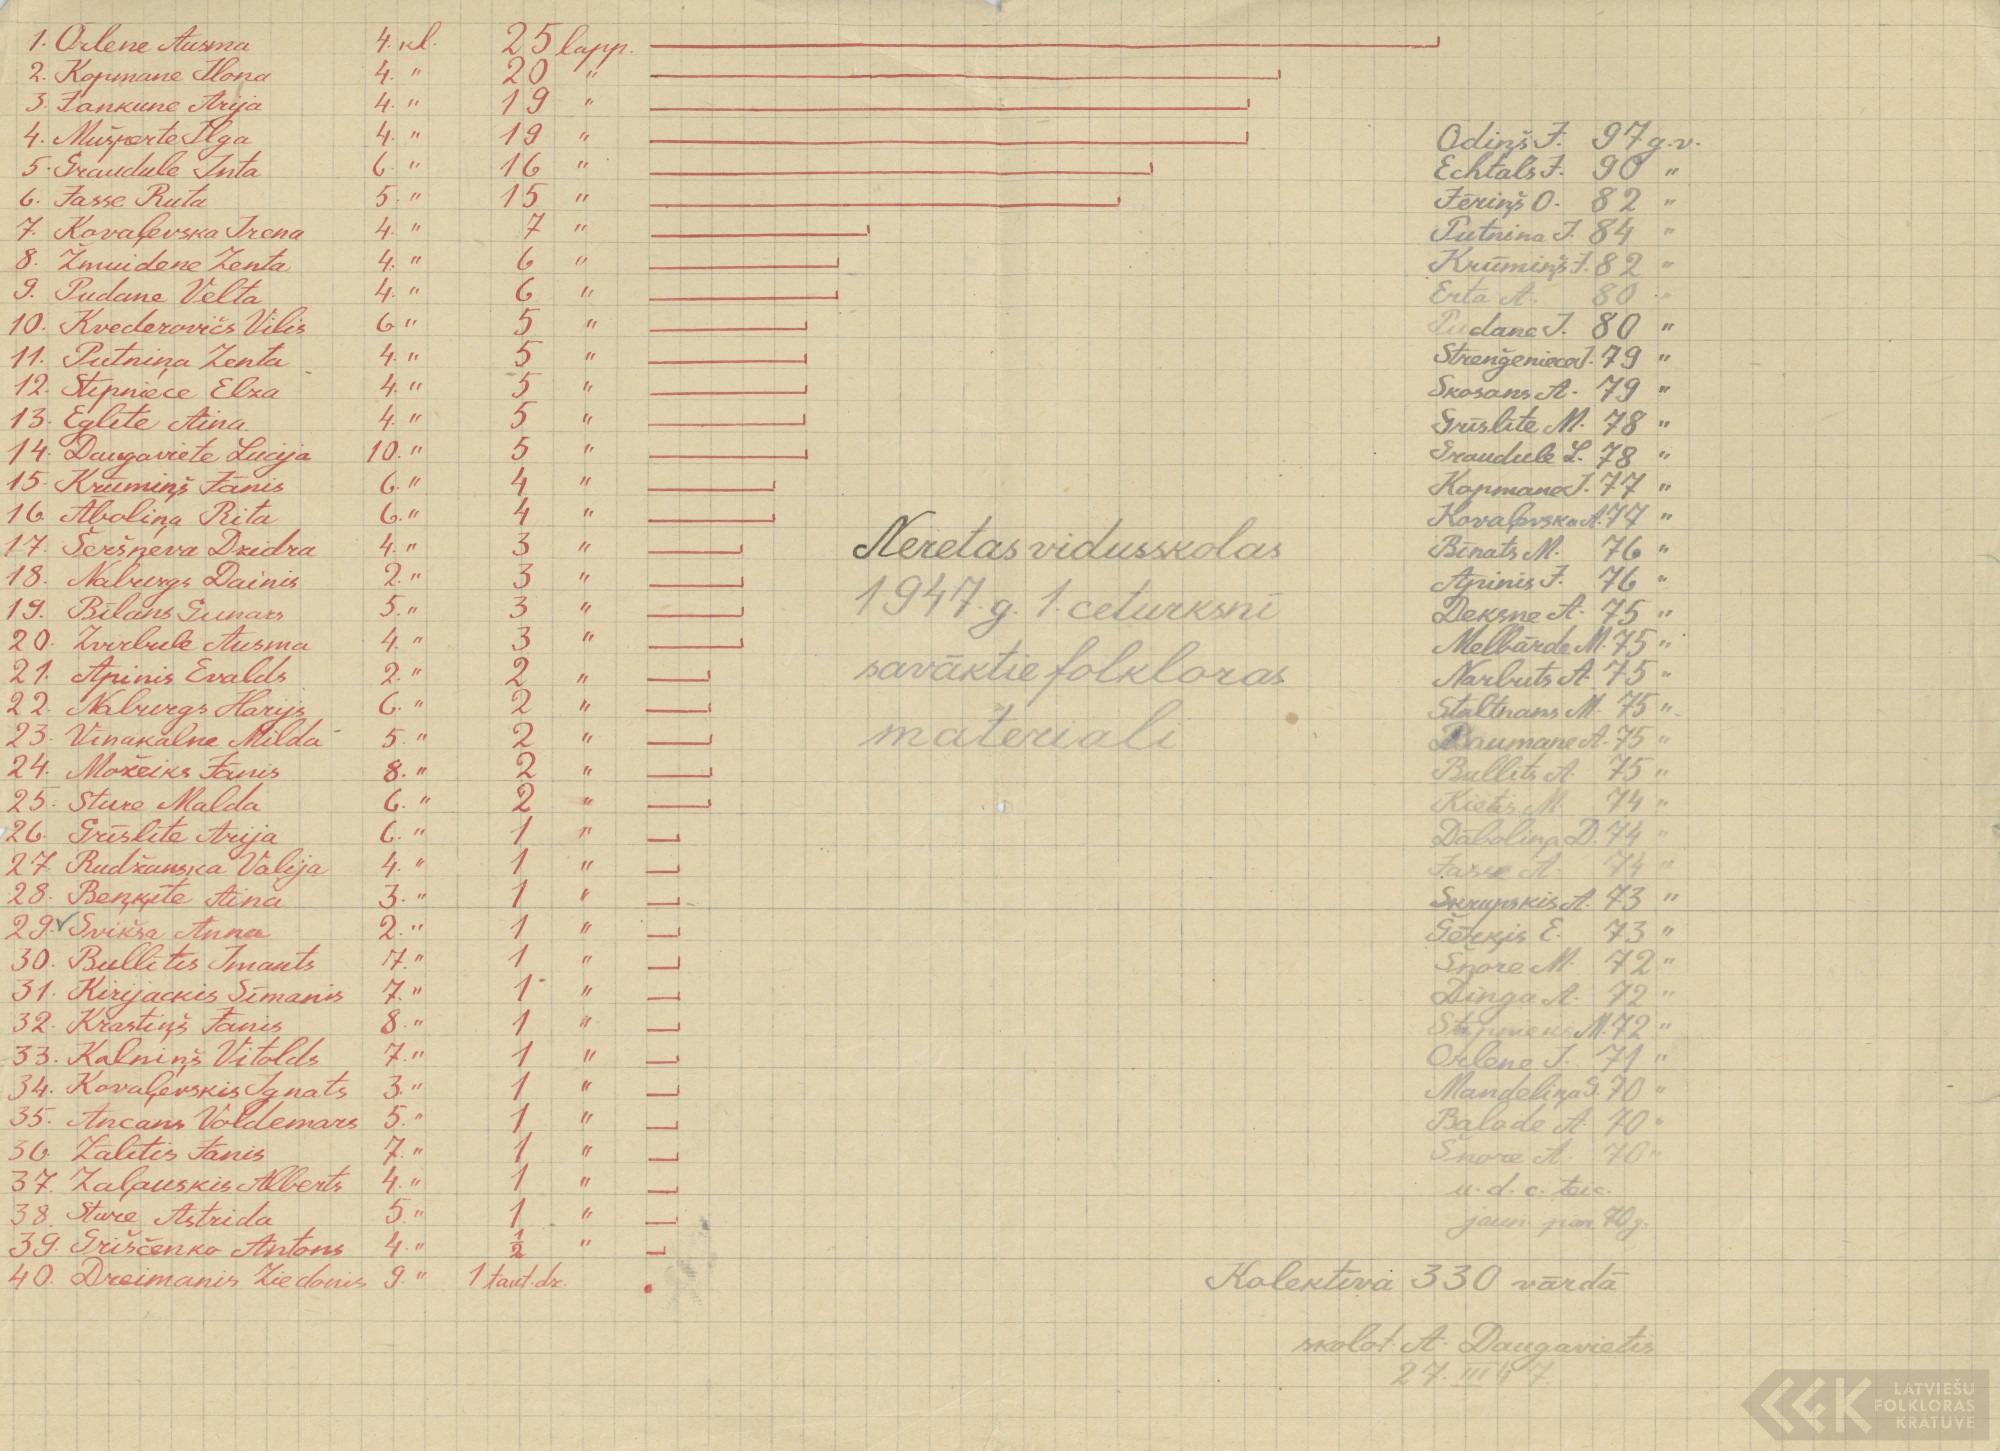 1802-Neretas-vidusskola-01-0001